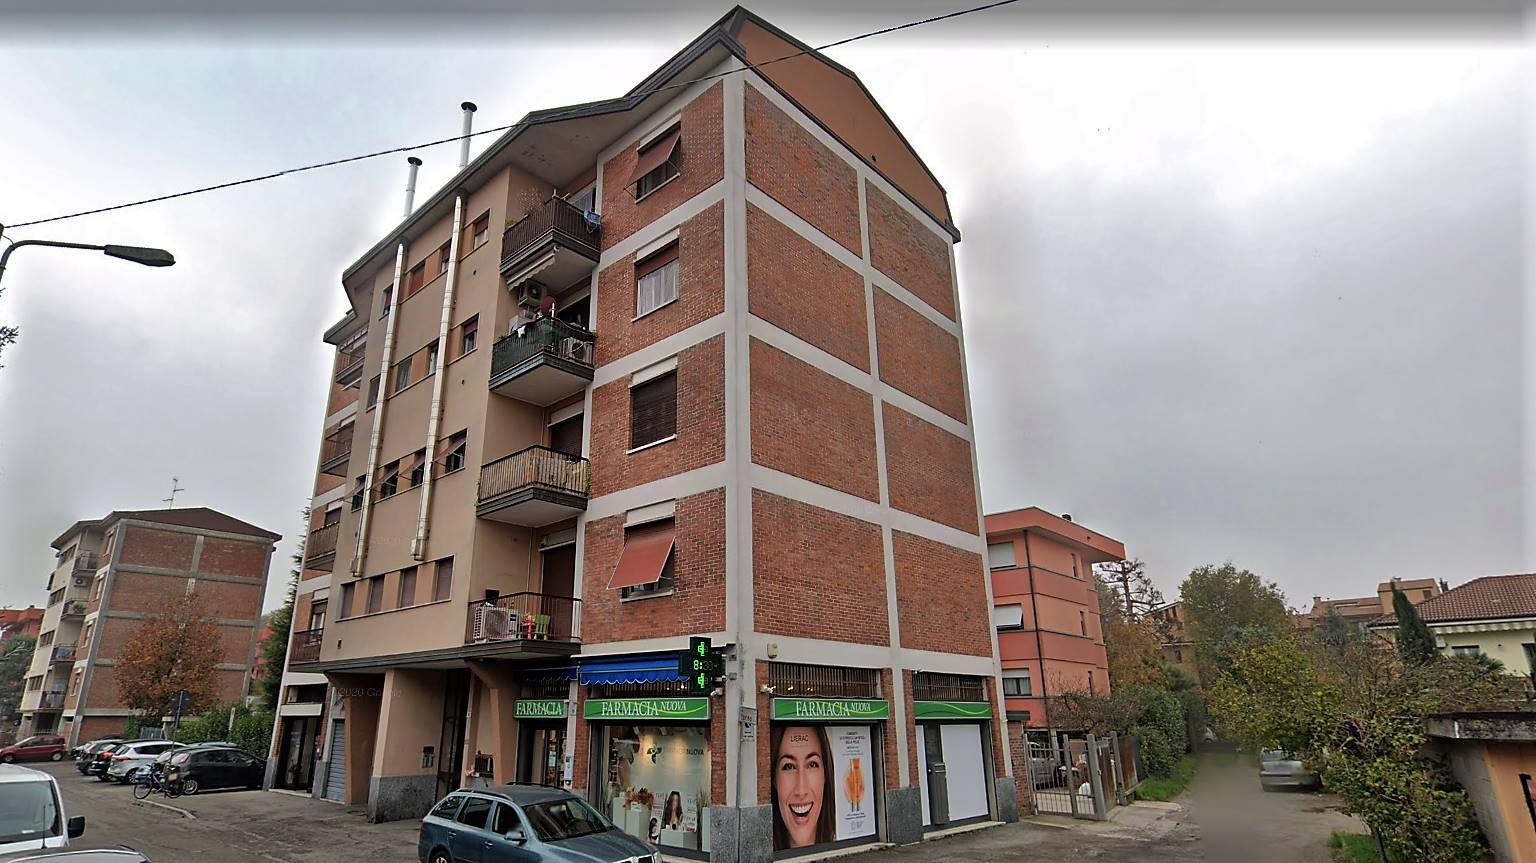 Appartamento in vendita a Senago, 3 locali, zona Località: CENTRO, prezzo € 130.000 | PortaleAgenzieImmobiliari.it